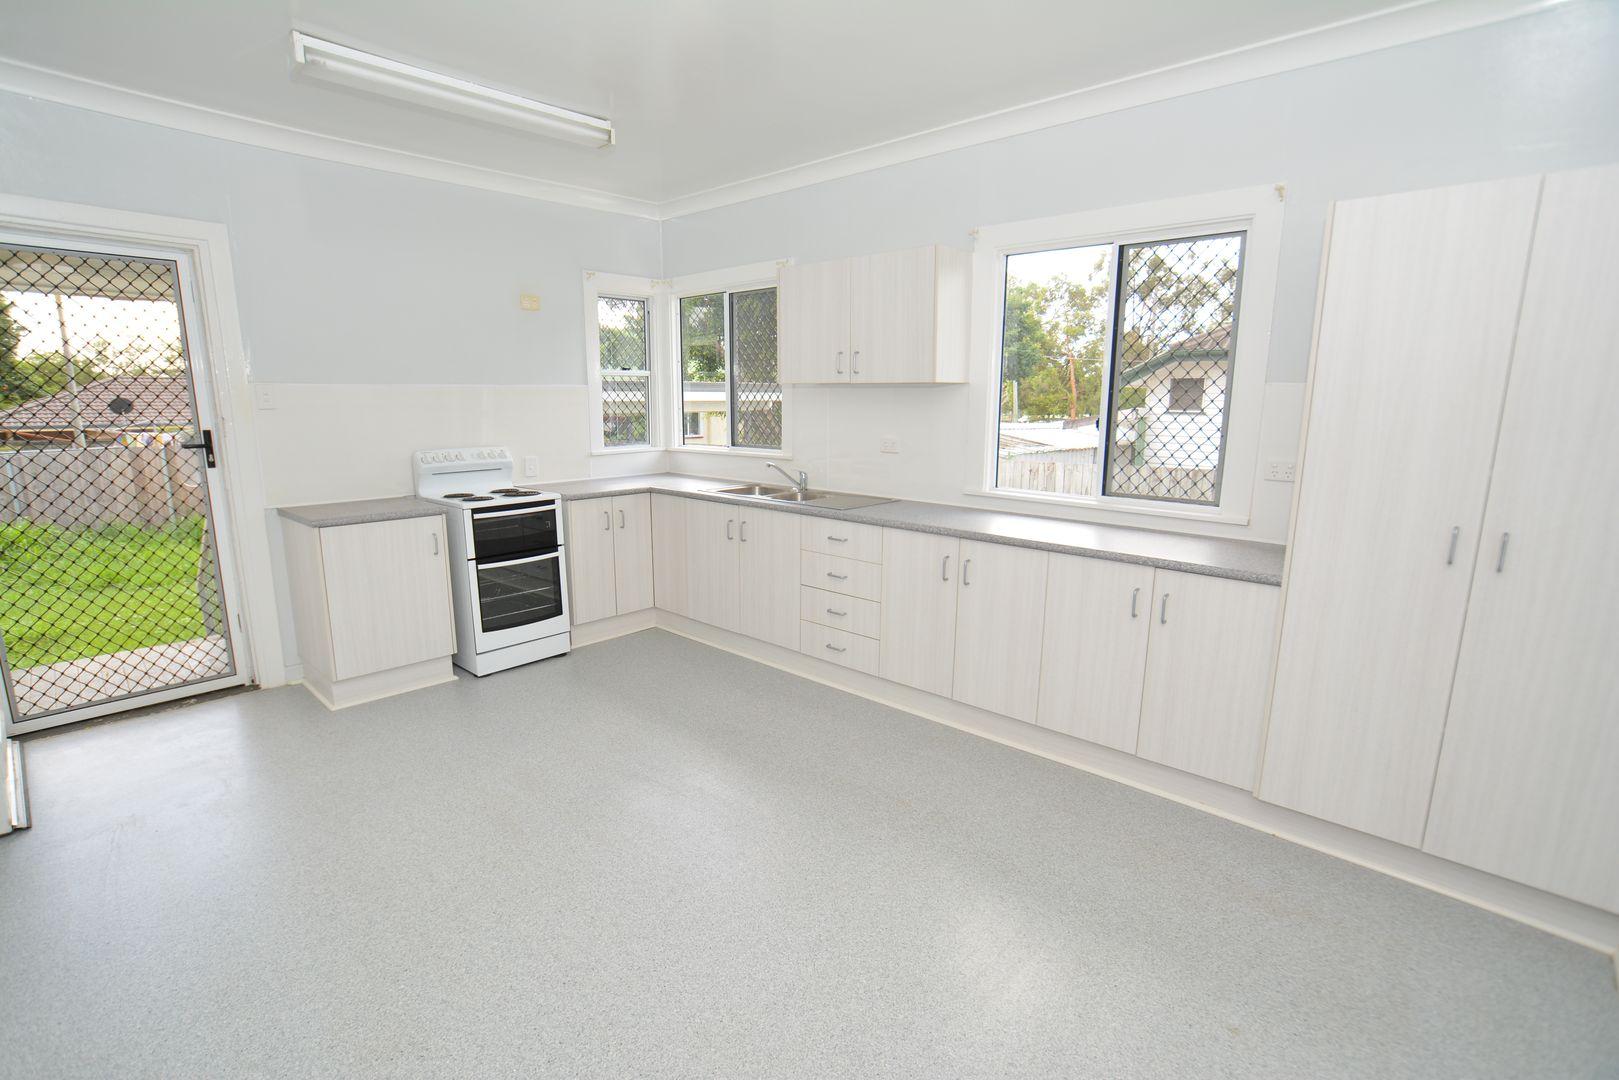 8 Keyatta Street, Zillmere QLD 4034, Image 1